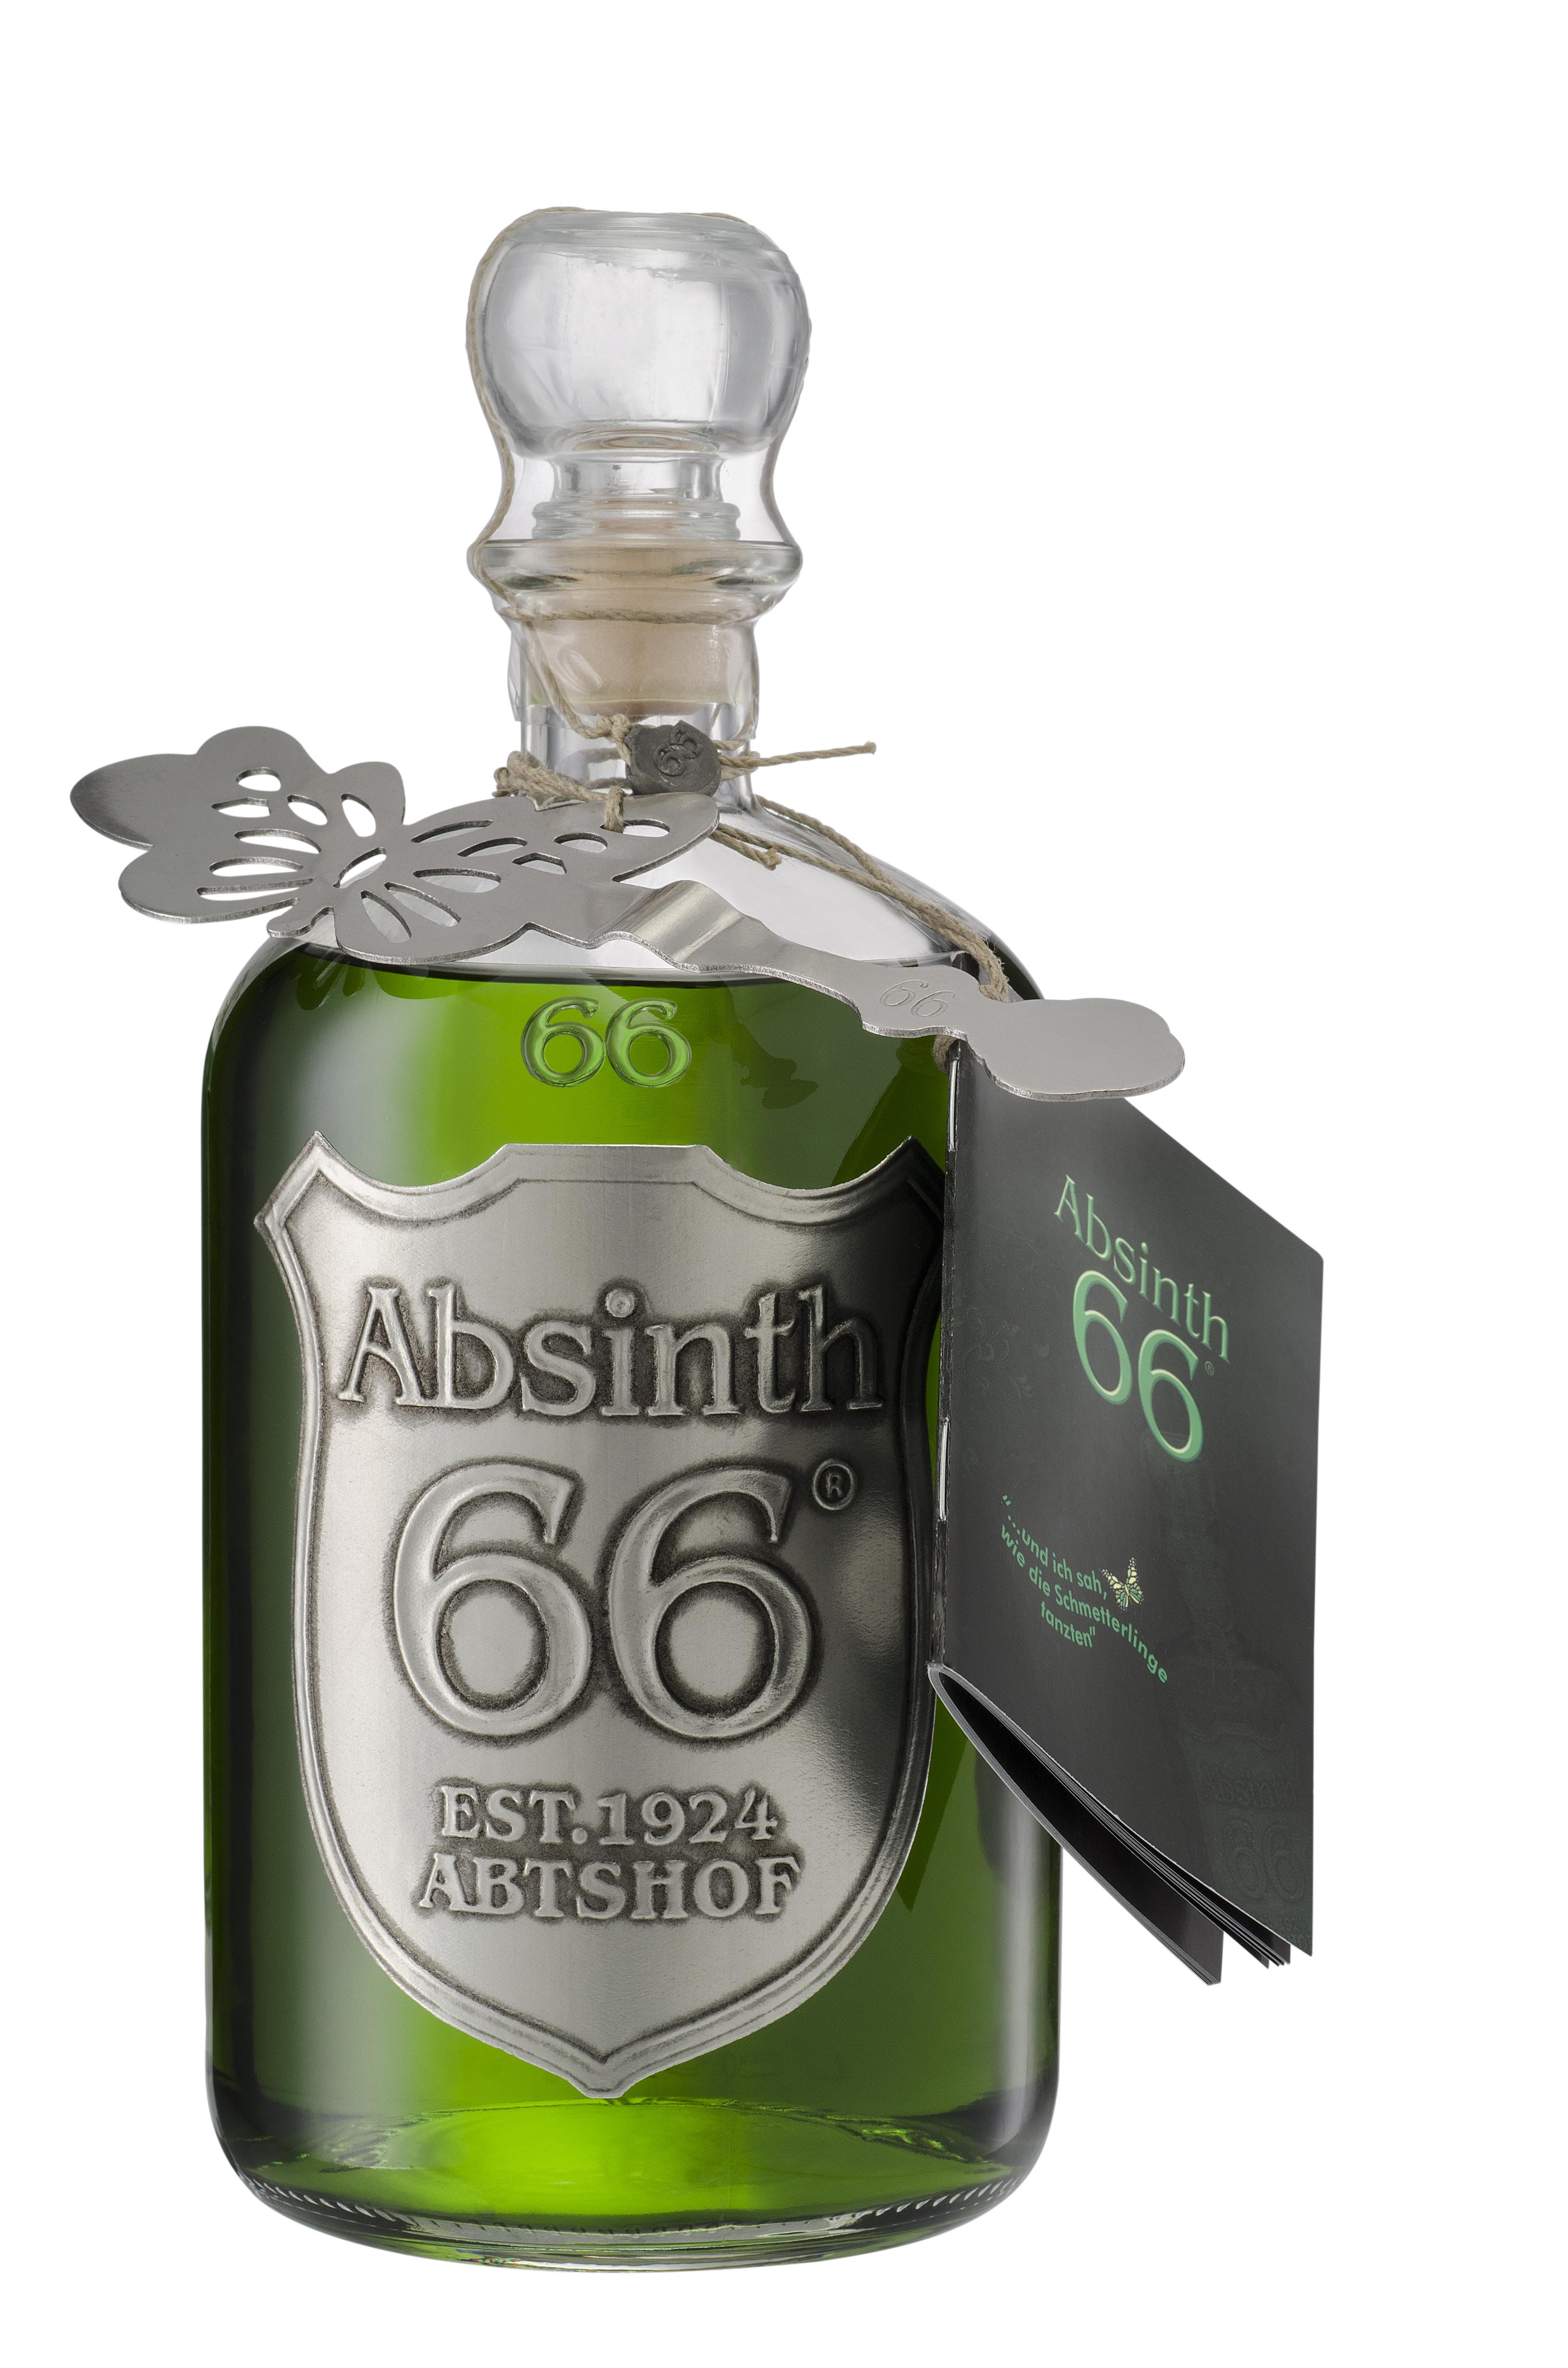 Abtshof Absinth 66